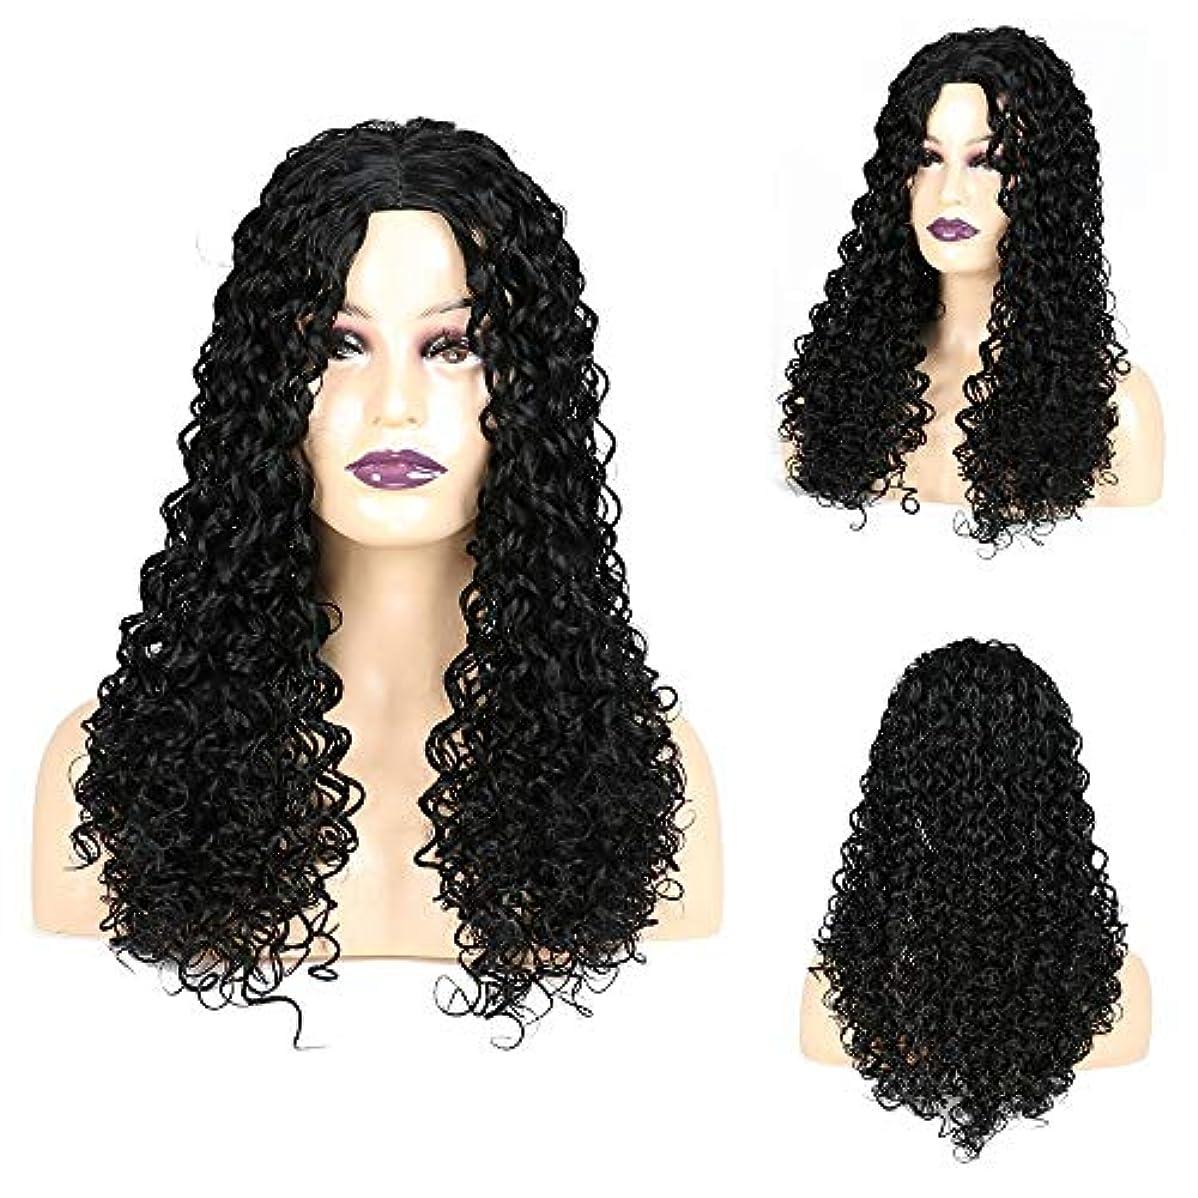 哲学者オーバーコートアカデミックHOHYLLYA ジェリー巻き毛のかつら黒アフリカ小さな巻き毛のかつら女性の毎日のドレスパーティーかつらのための長い巻き毛のかつら (色 : 黒, サイズ : 22 inch)